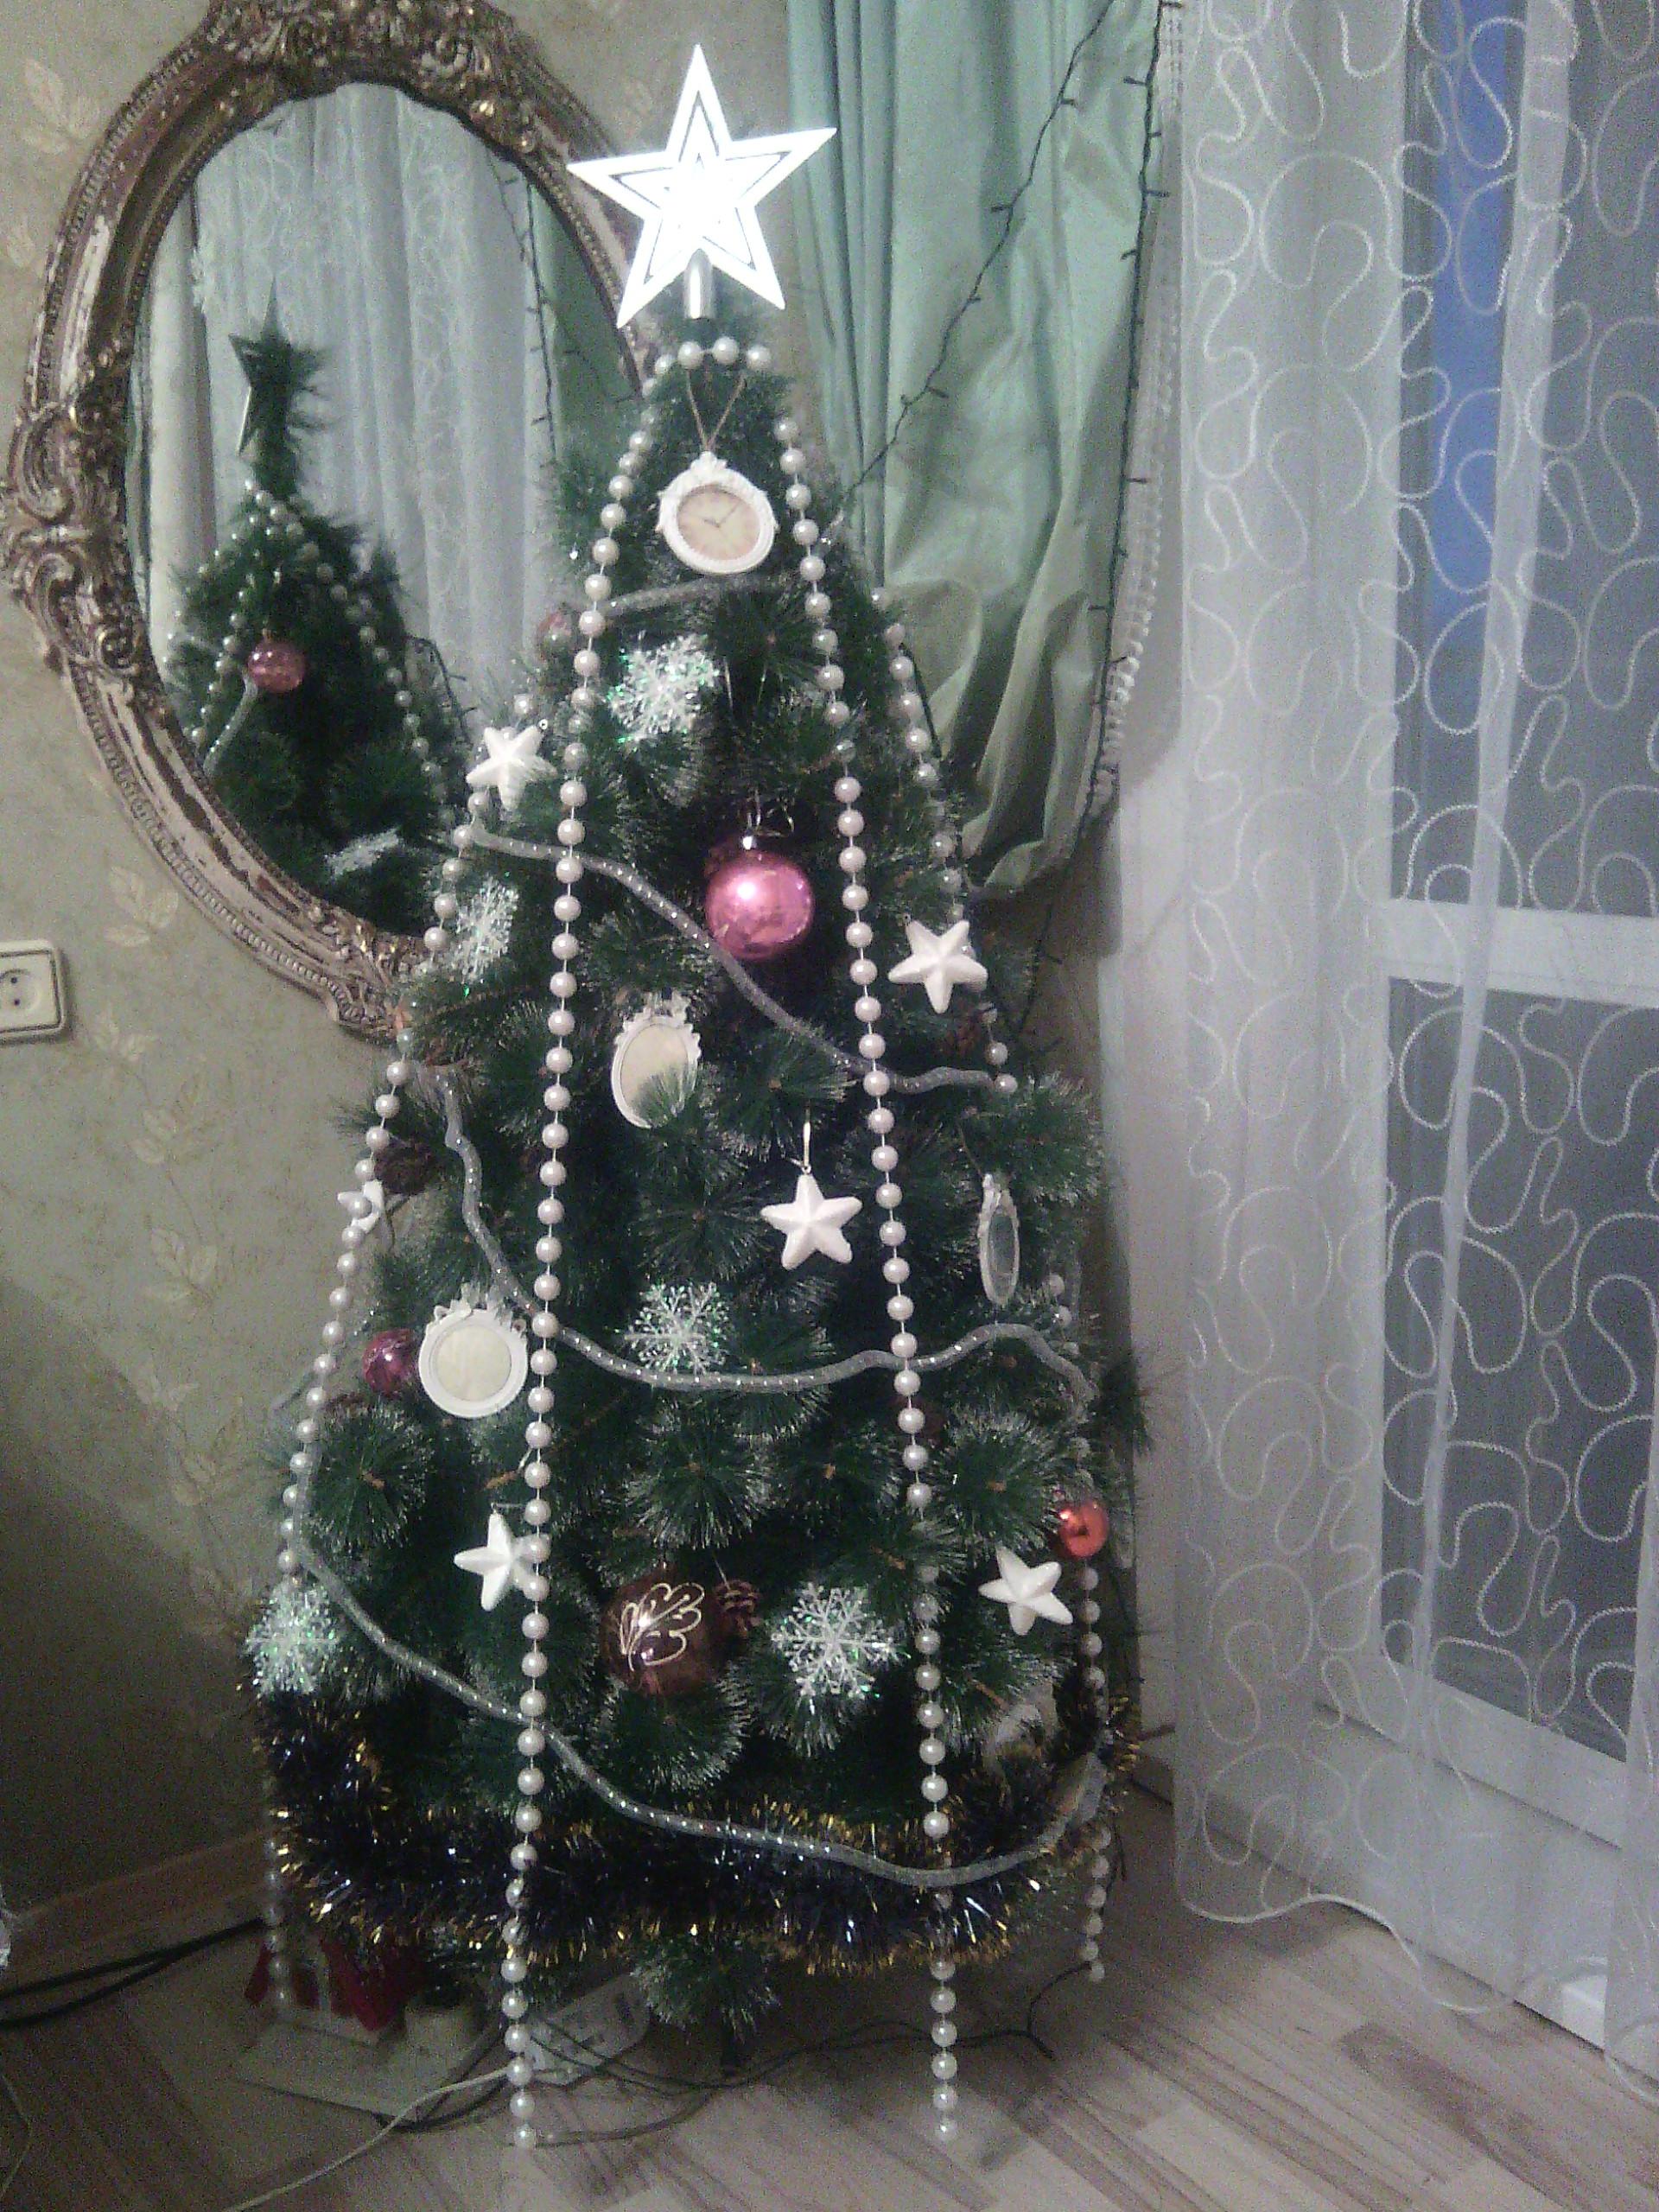 Елка в бусы нарядилась!. Блиц: новогодняя елка